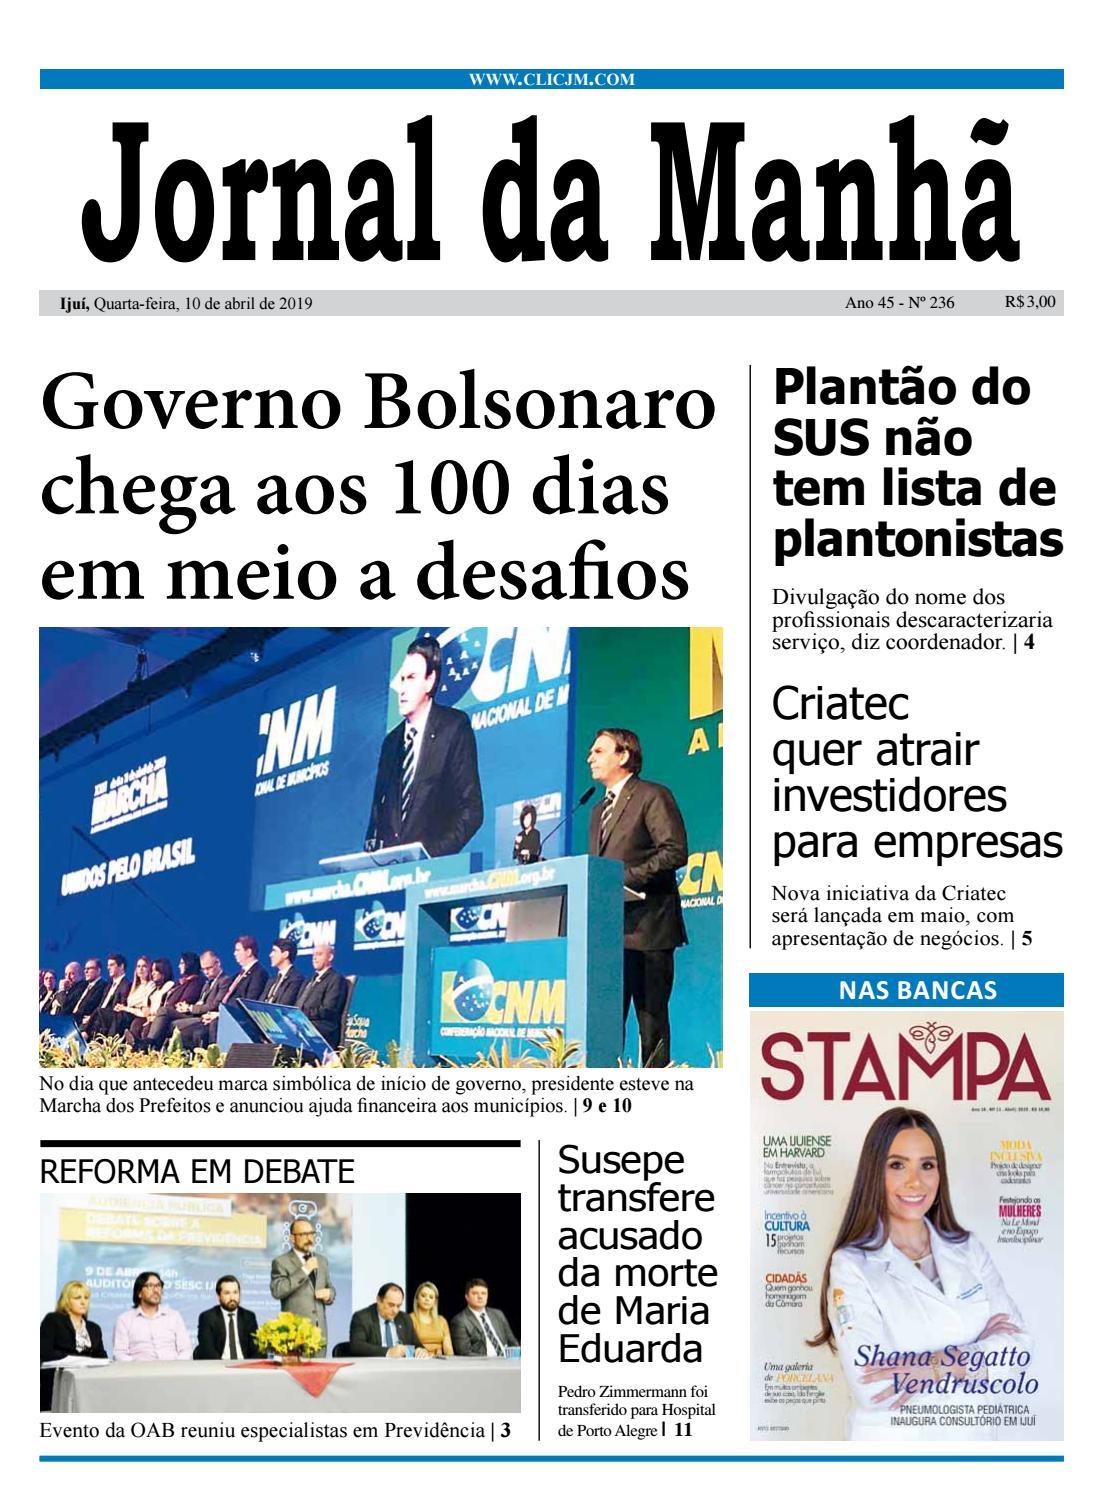 e5b76007d6ef Jornal da Manhã - Quarta-feira - 10-04-2019 by clicjm - issuu